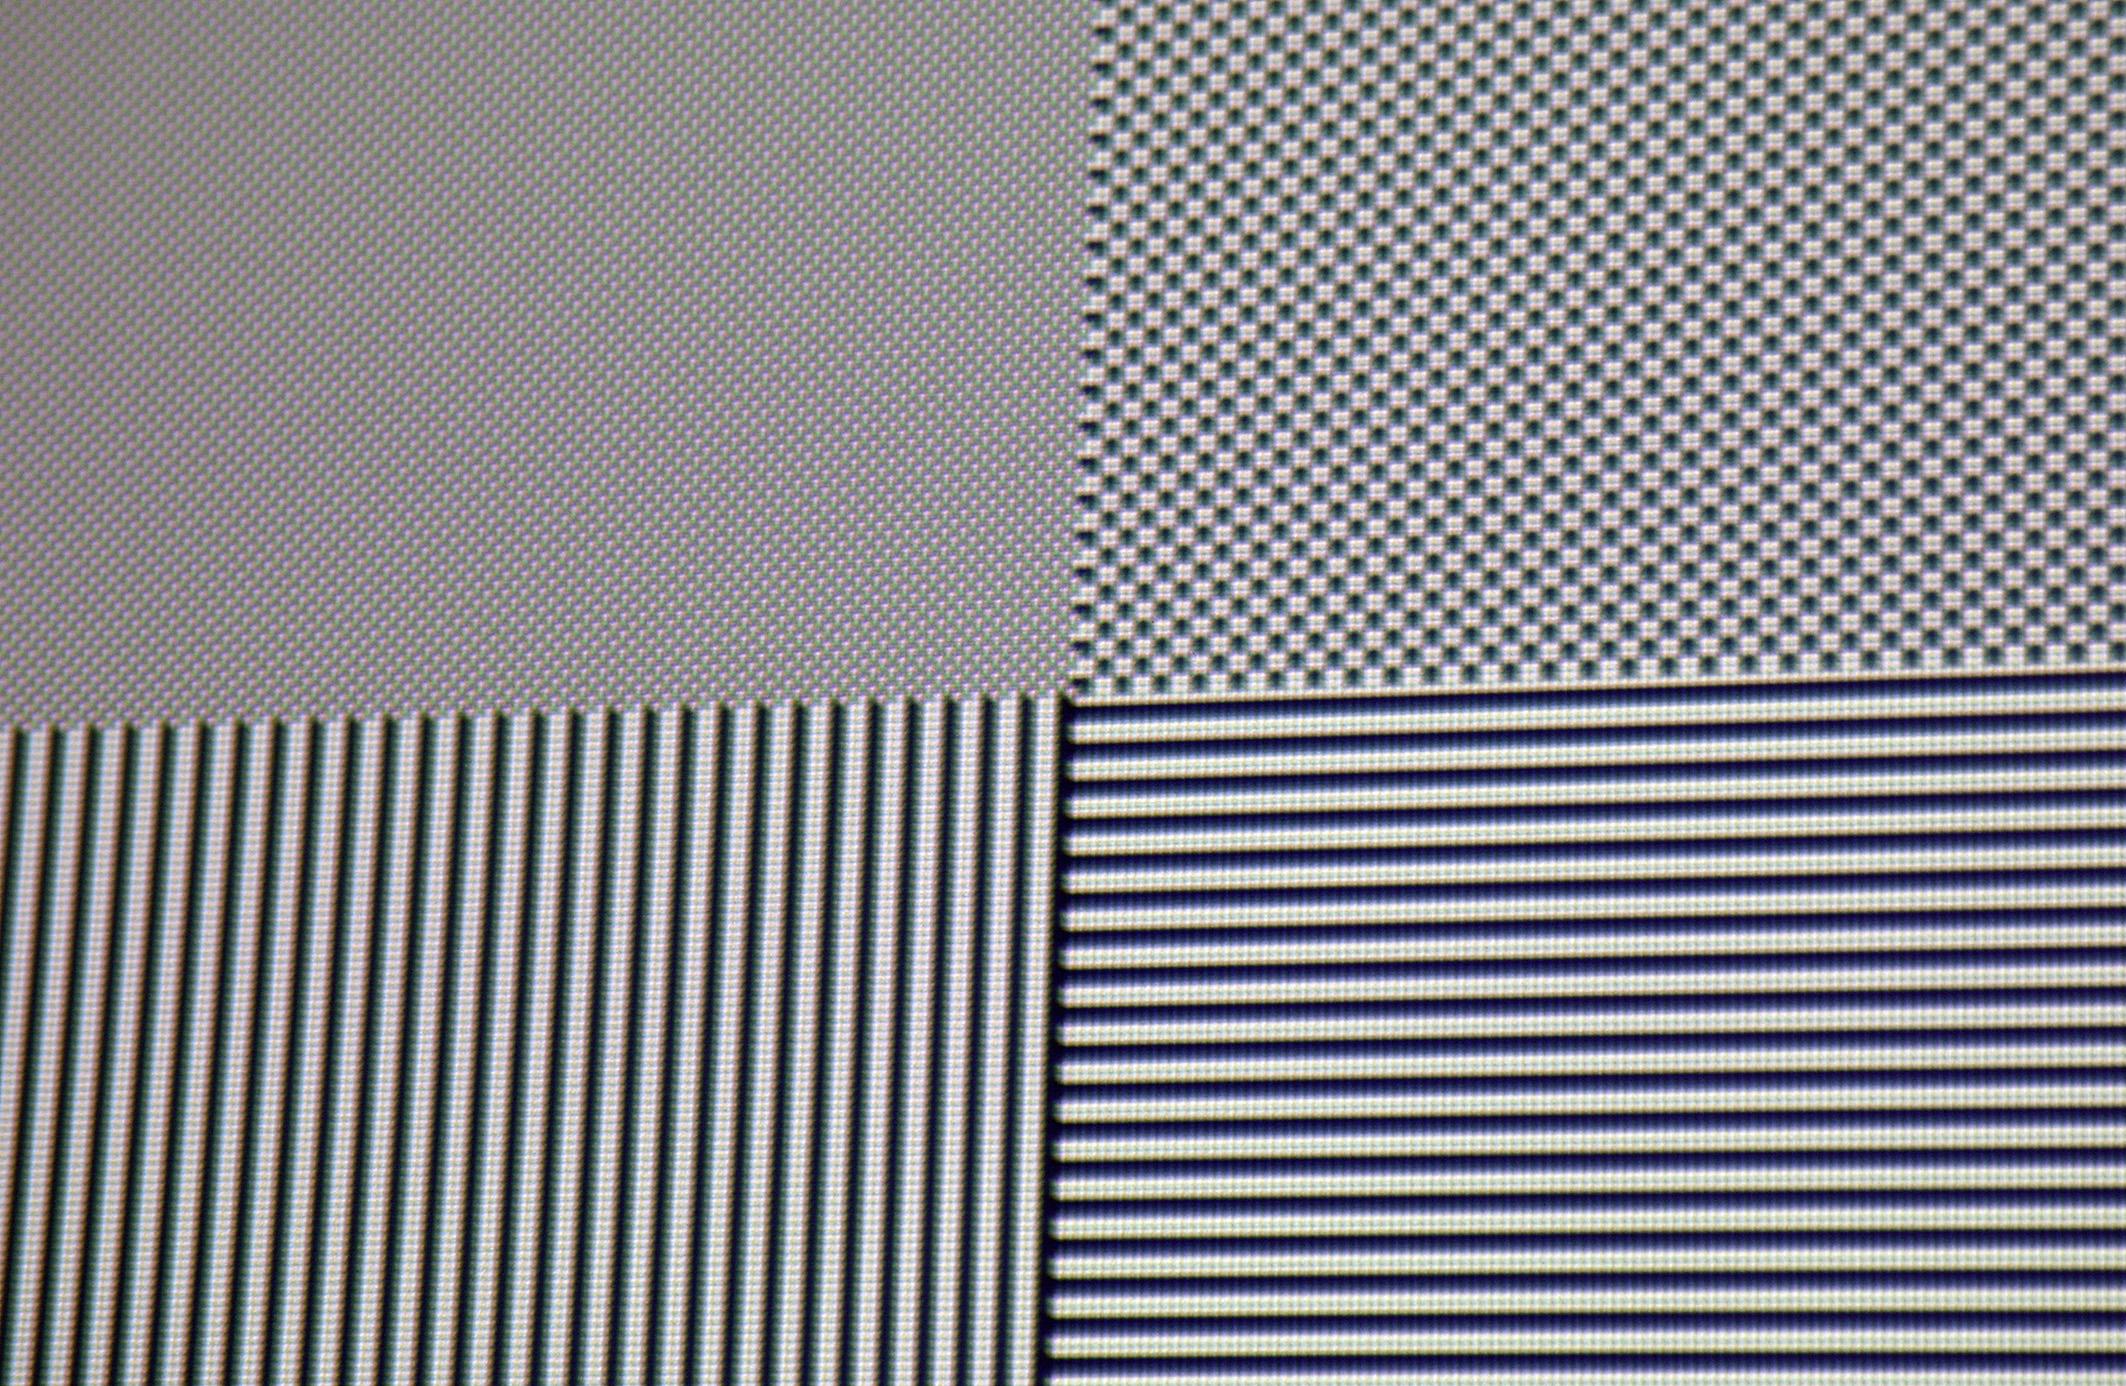 Full-HD-Pixelauflösung: Alle schwarz/weißen Felder in Pixelauflösung stellt der Optoma HD 29 Darbee auf der Leinwand dar. Allenfalls kleinste Farbsäume (chromatische Aberration) sind vorhanden, welche den Bildeindruck in keiner Weise schmälern, da sie selbst aus relativ nahen Betrachtungsabständen nicht zu erkennen sind.